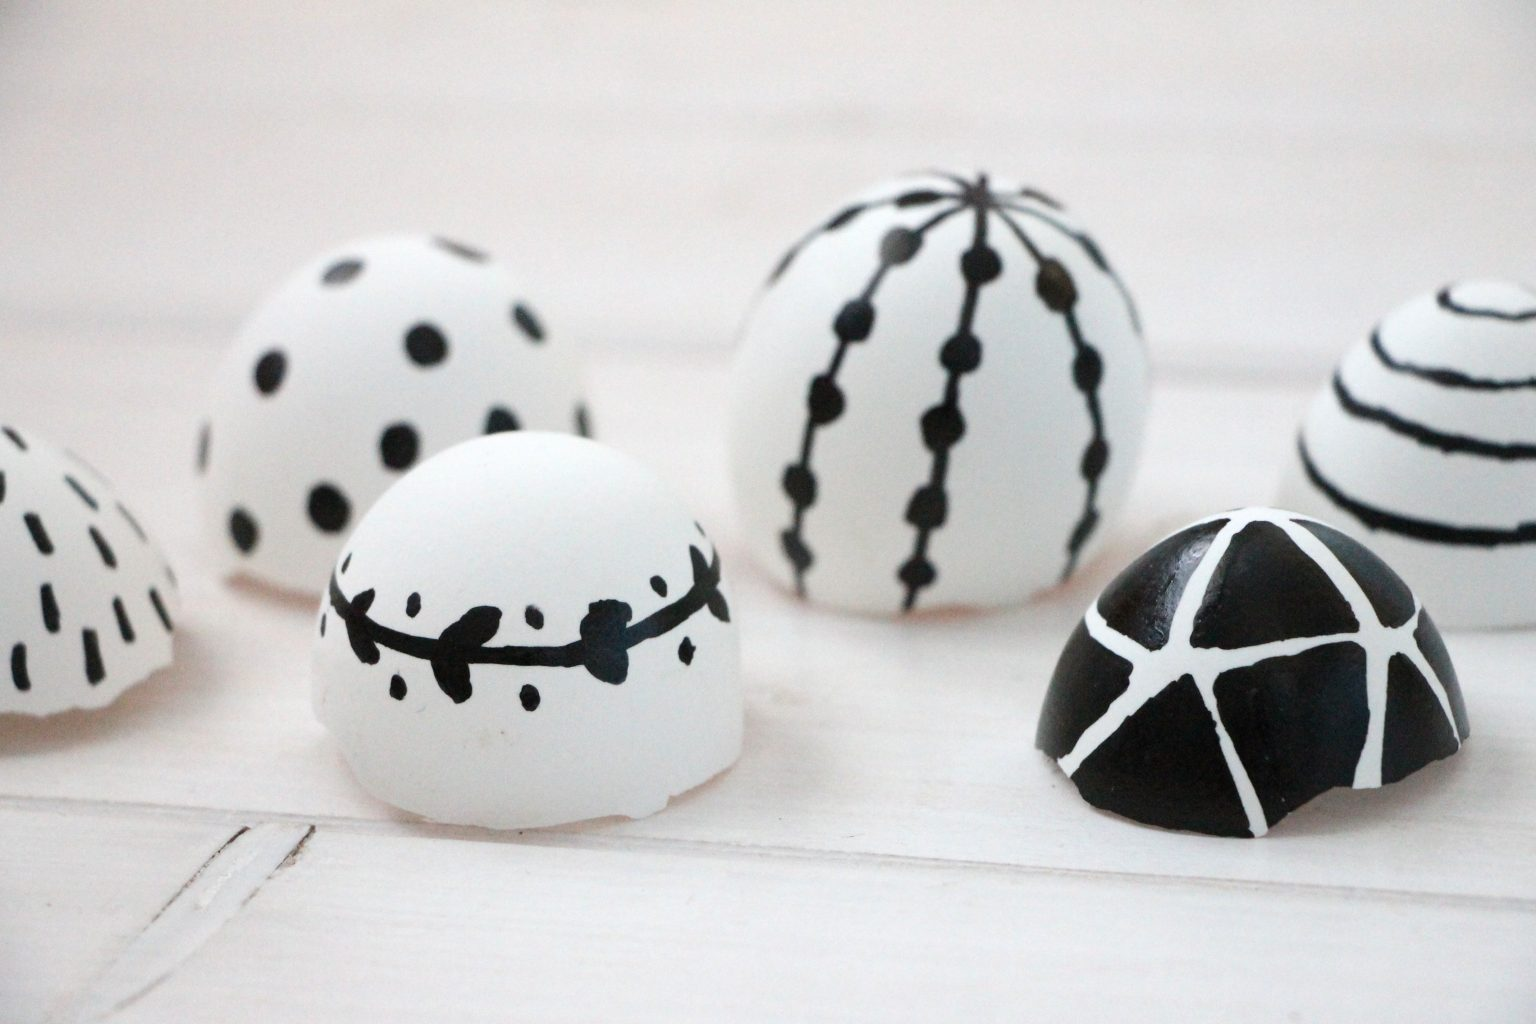 Eier schwarz-weiß bemalen Ideen